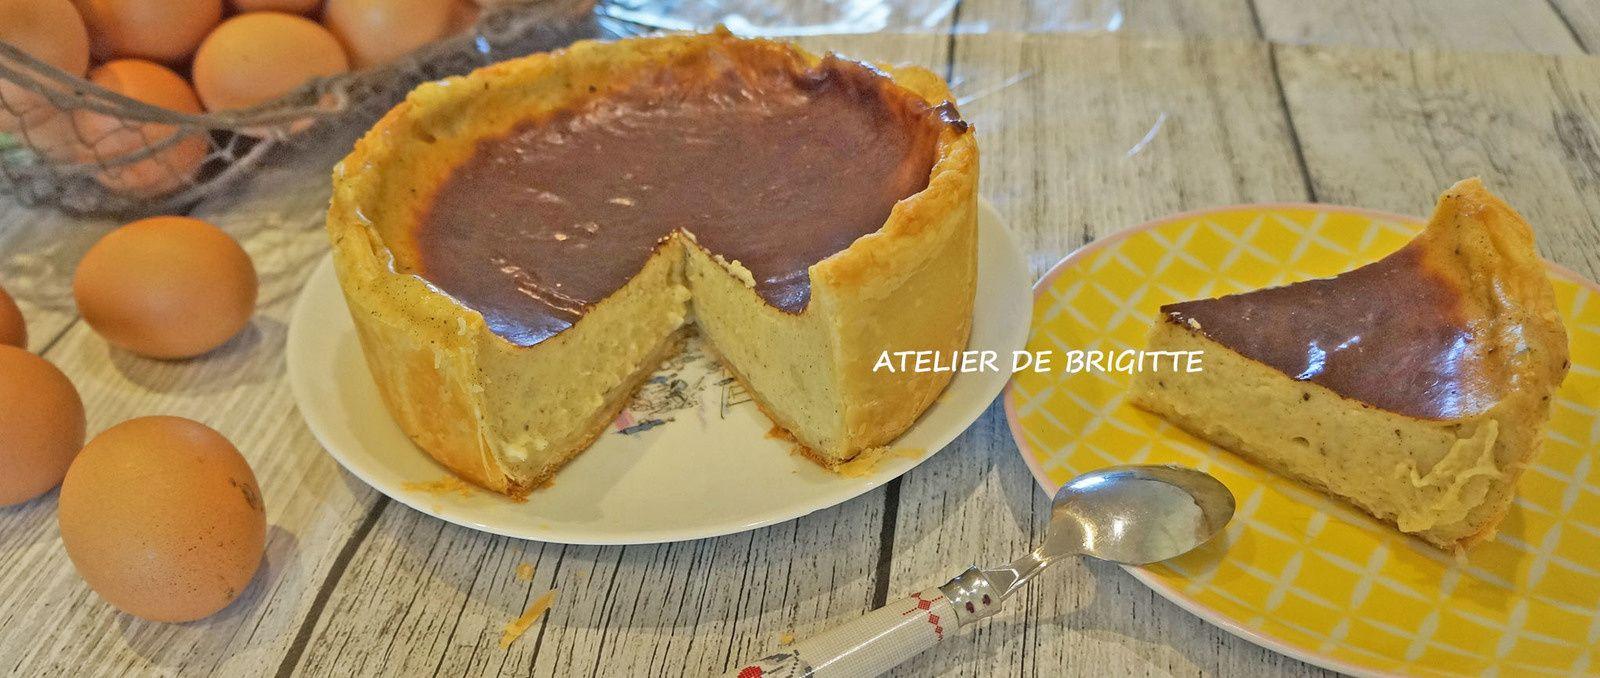 Flan Pâtissier : La Rolls des Flans Pâtissiers, recette Chef Cédric Grolet #flanpatissier